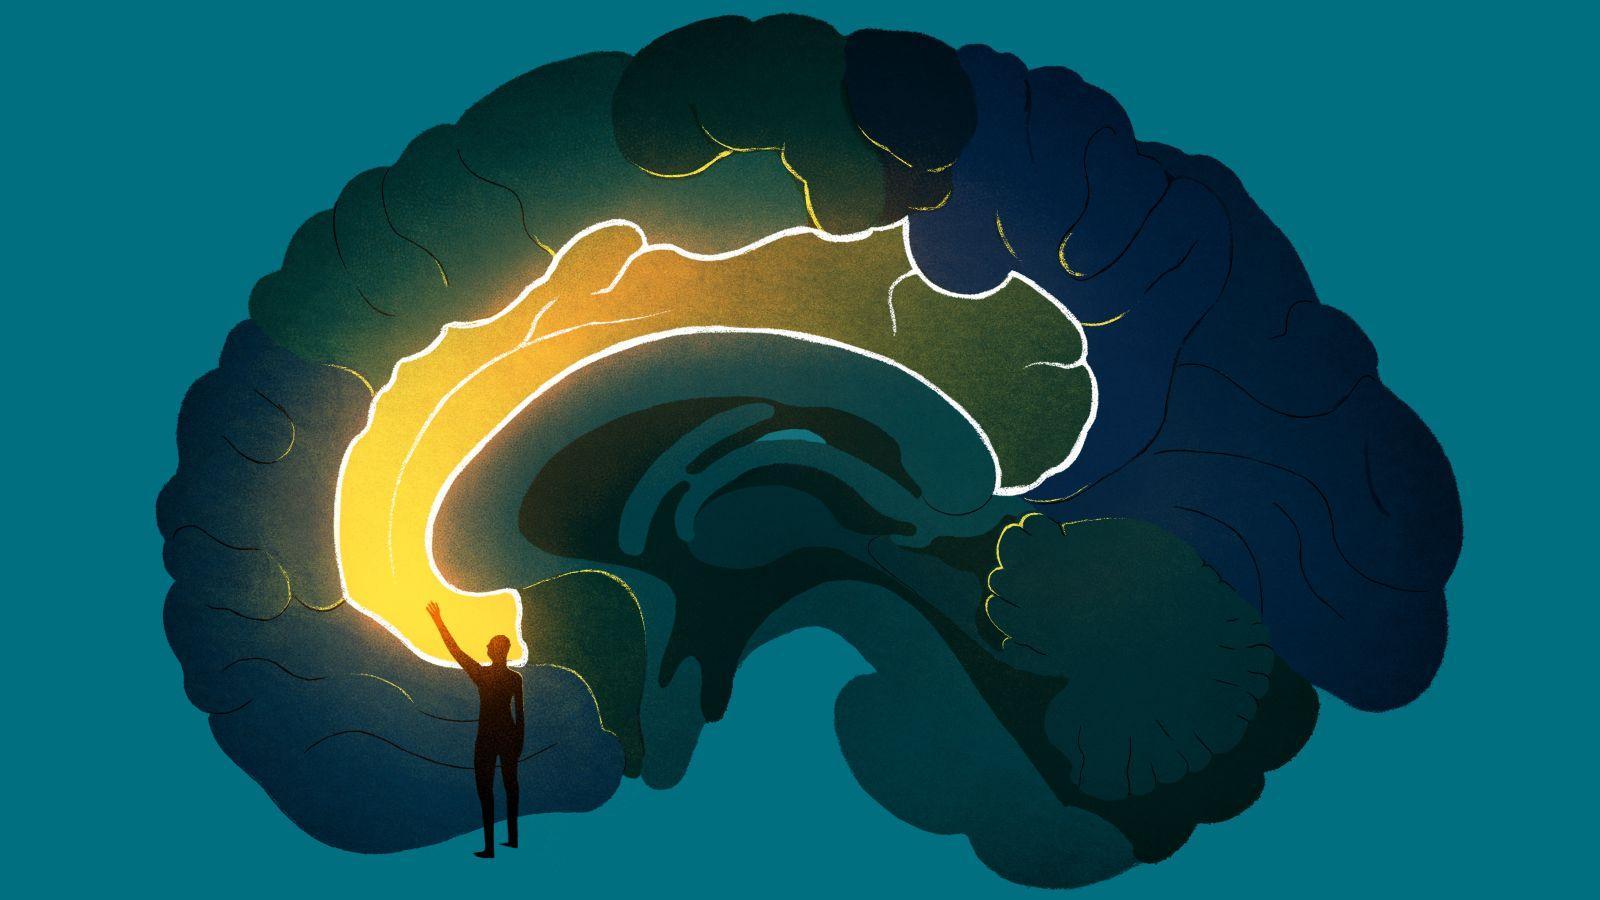 Глубокая стимуляция внутренней капсулы улучшила когнитивный контроль